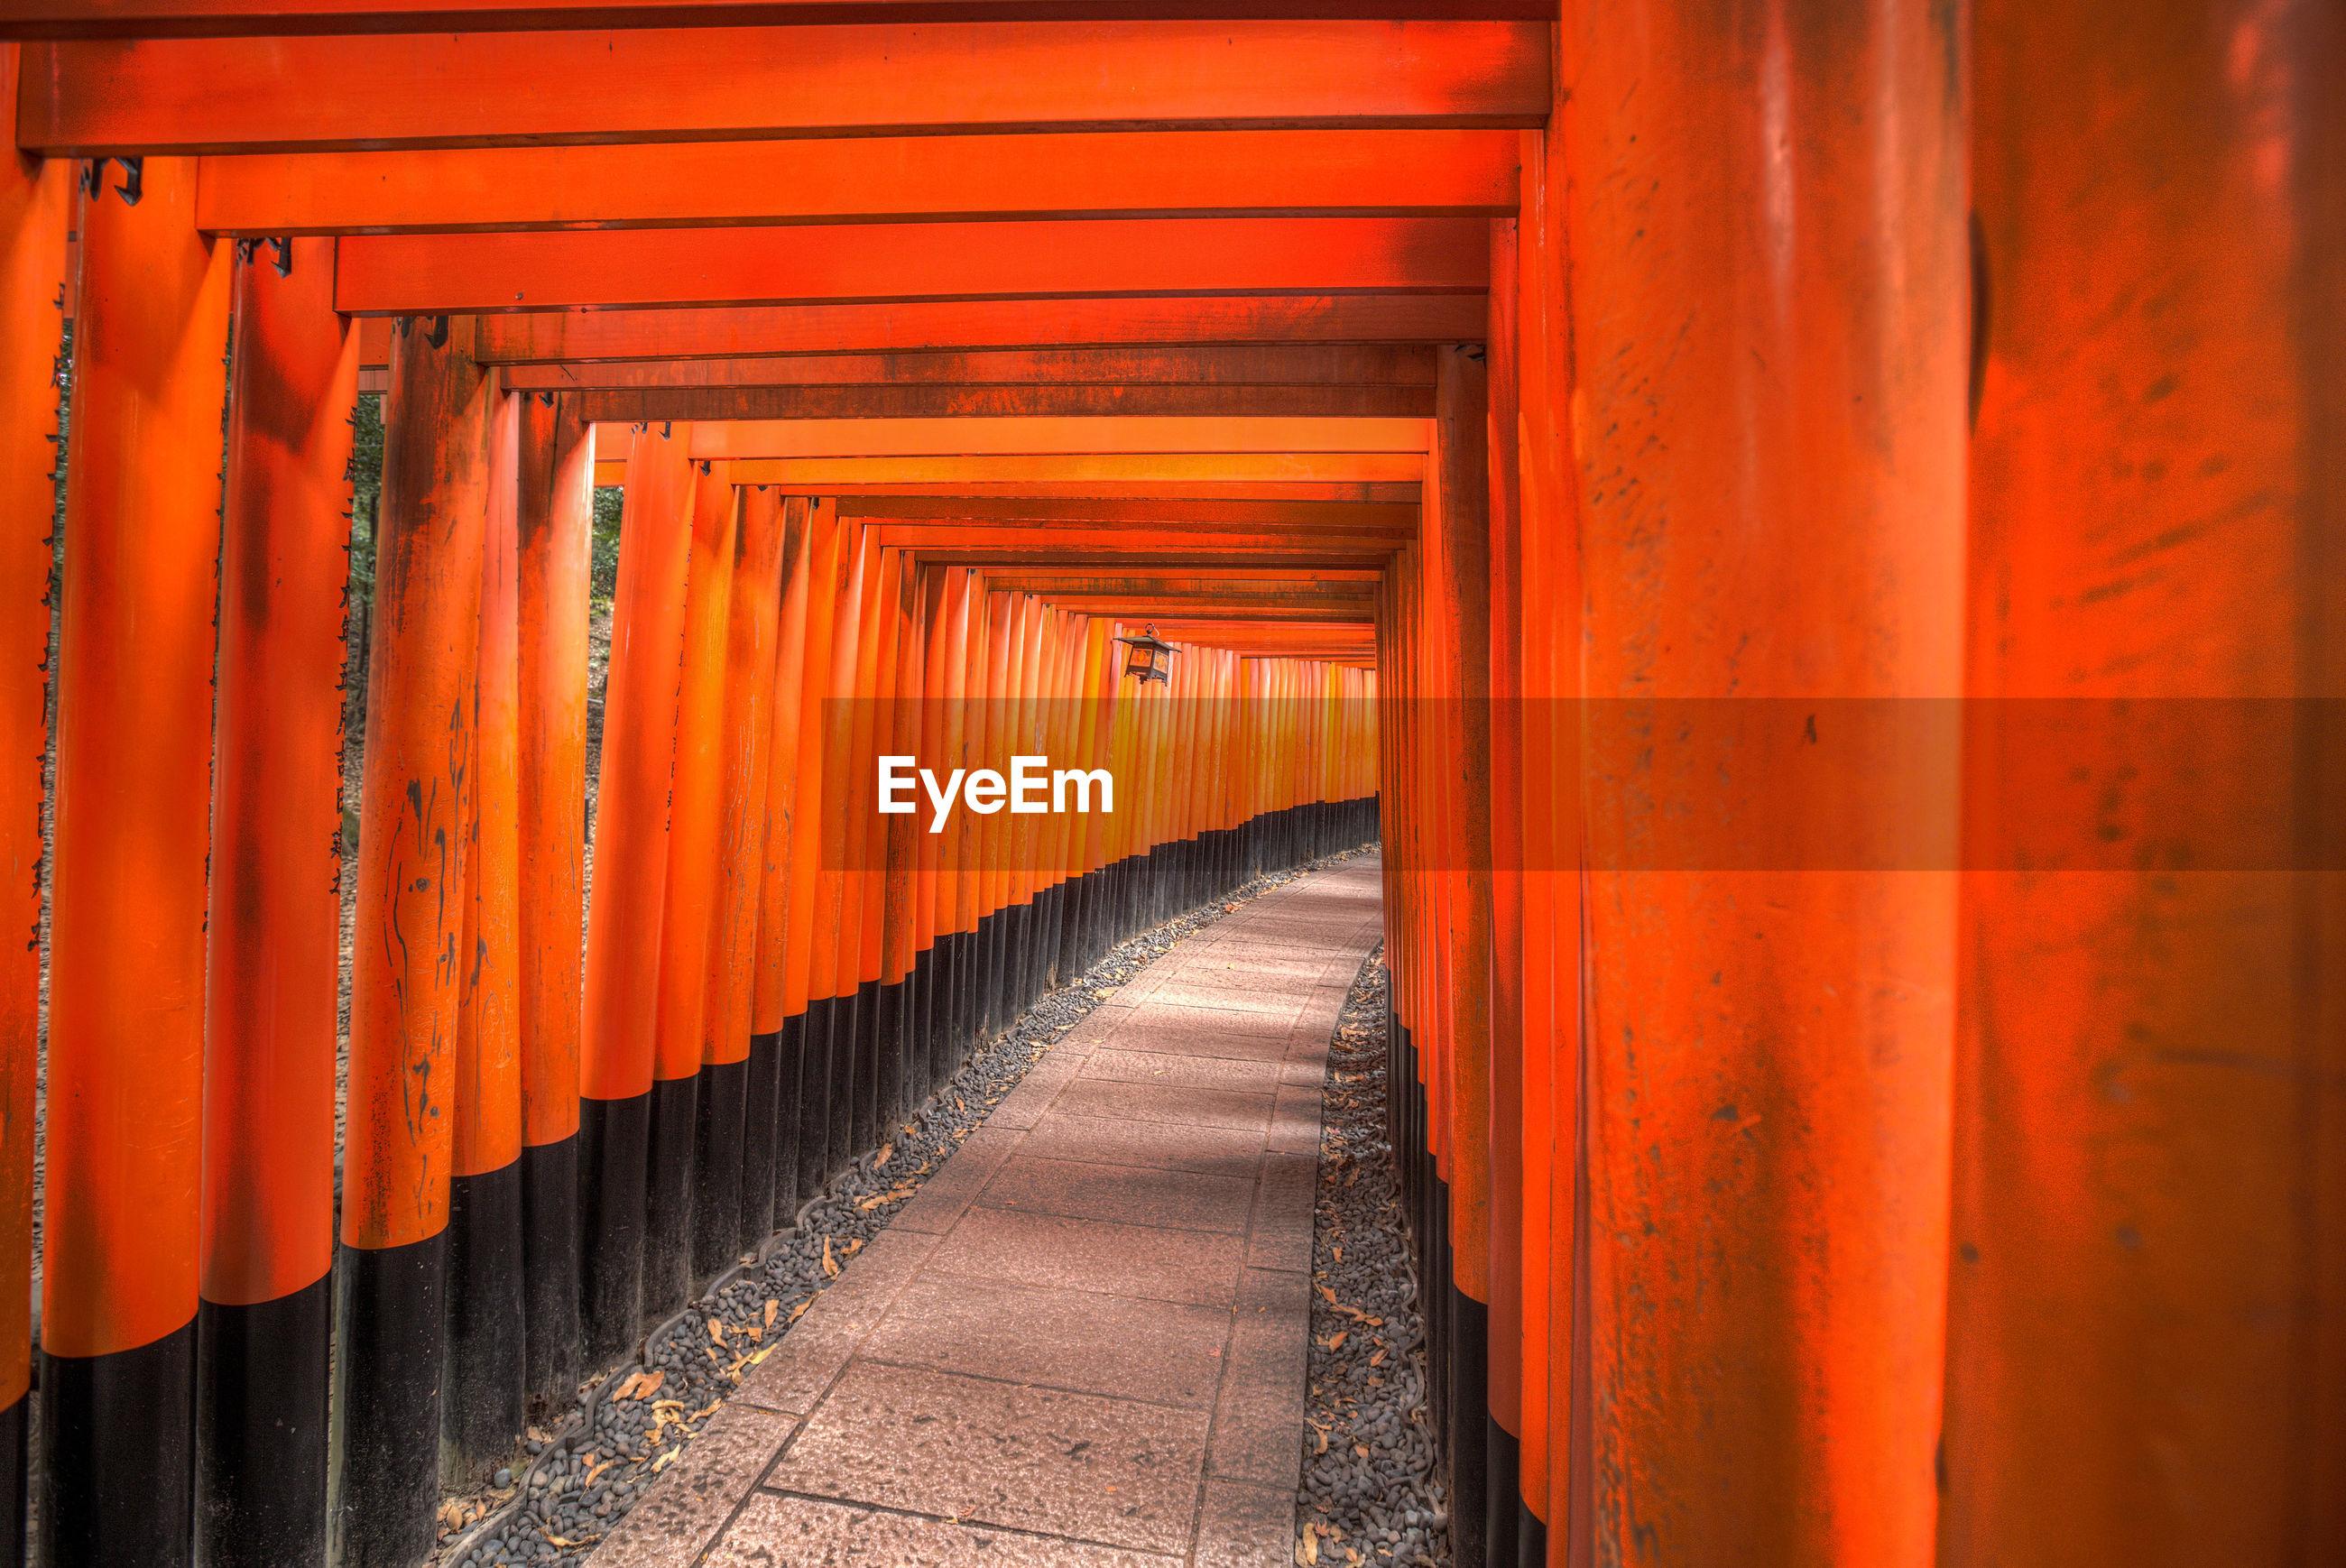 Walkway in shrine